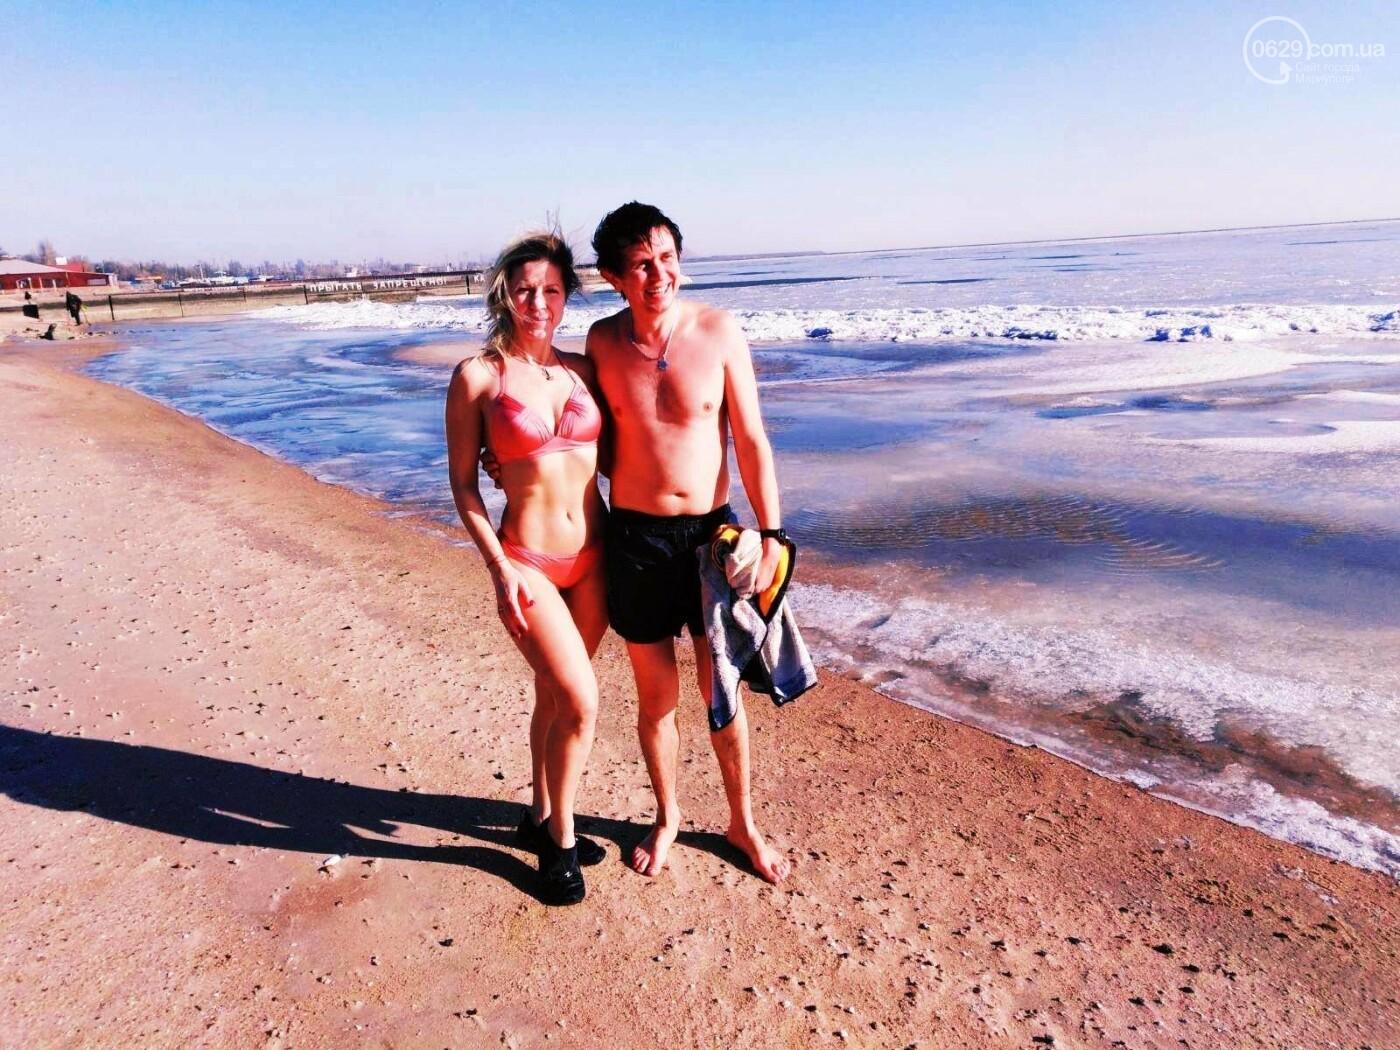 Замерзшее море: мариупольцы купались и выходили на лед, фото-7